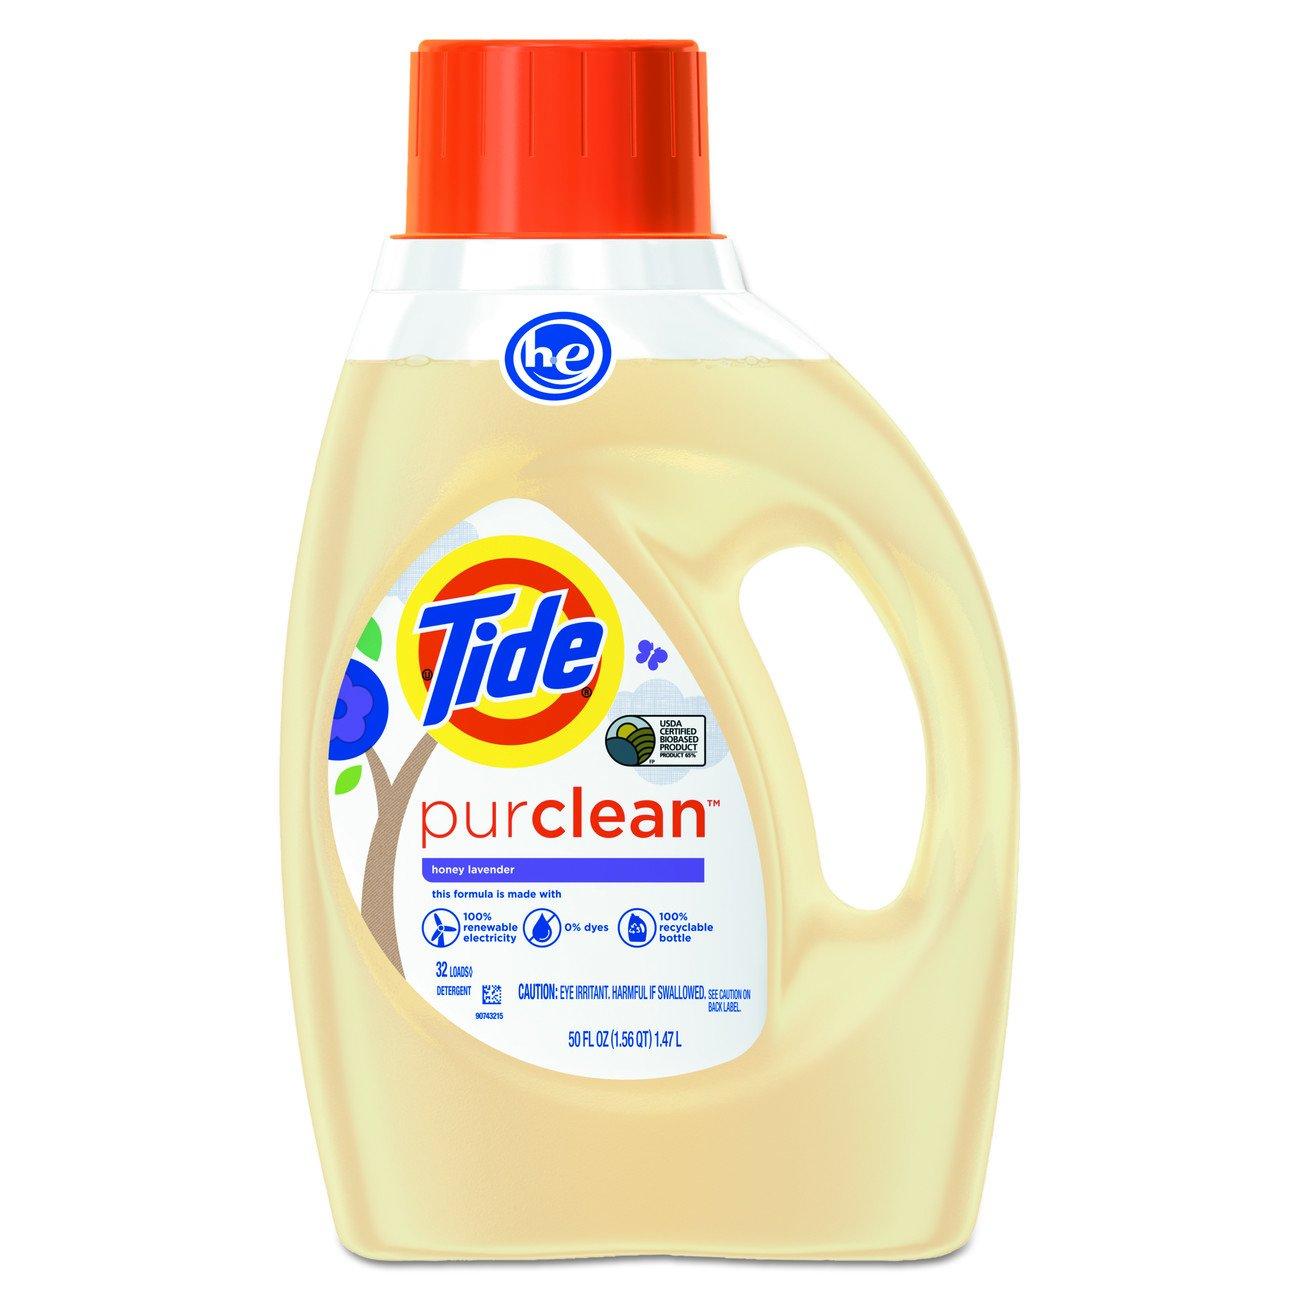 Tide 96810 PurClean Liquid Laundry Detergent, Honey Lavender, 50 oz. Bottle (Pack of 6)